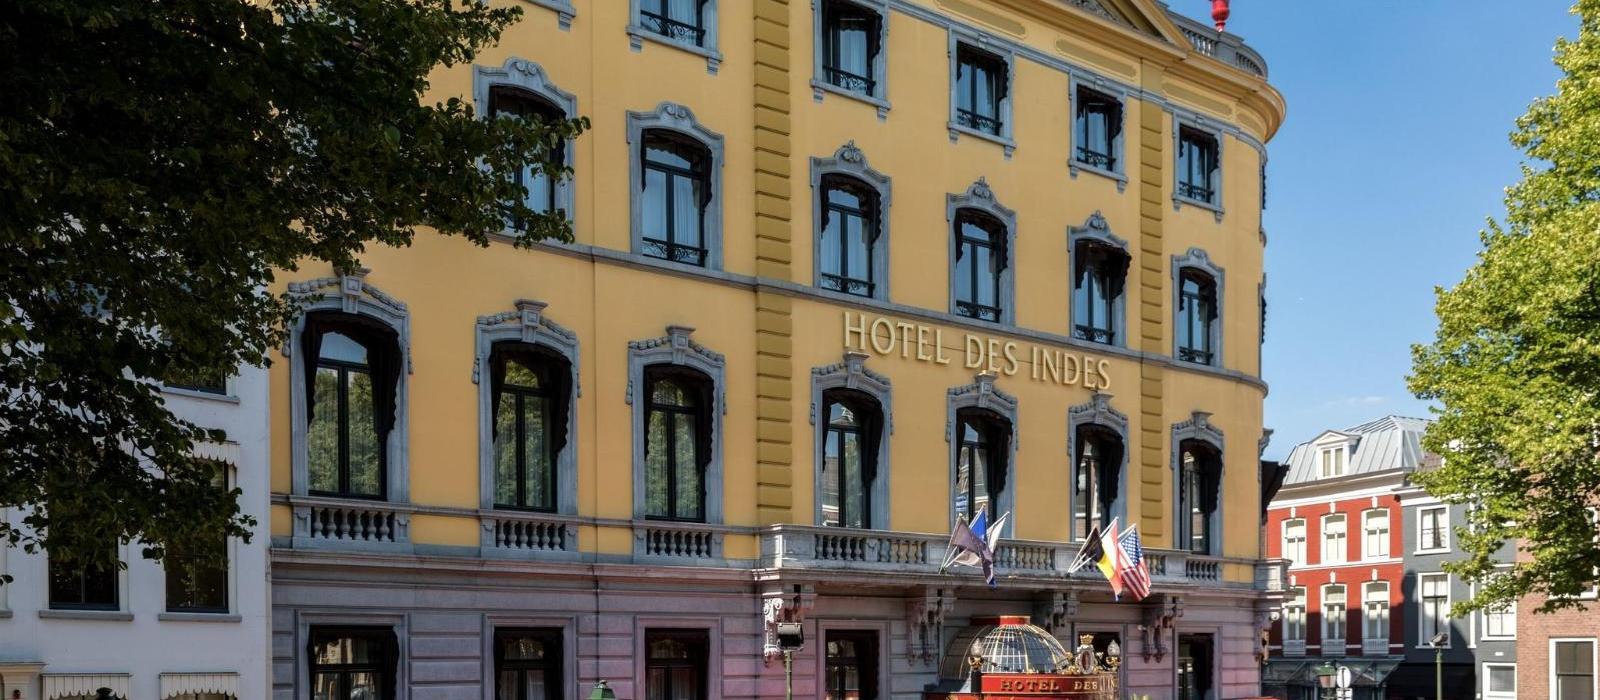 印德斯酒店(Hotel Des Indes) 图片  www.lhw.cn